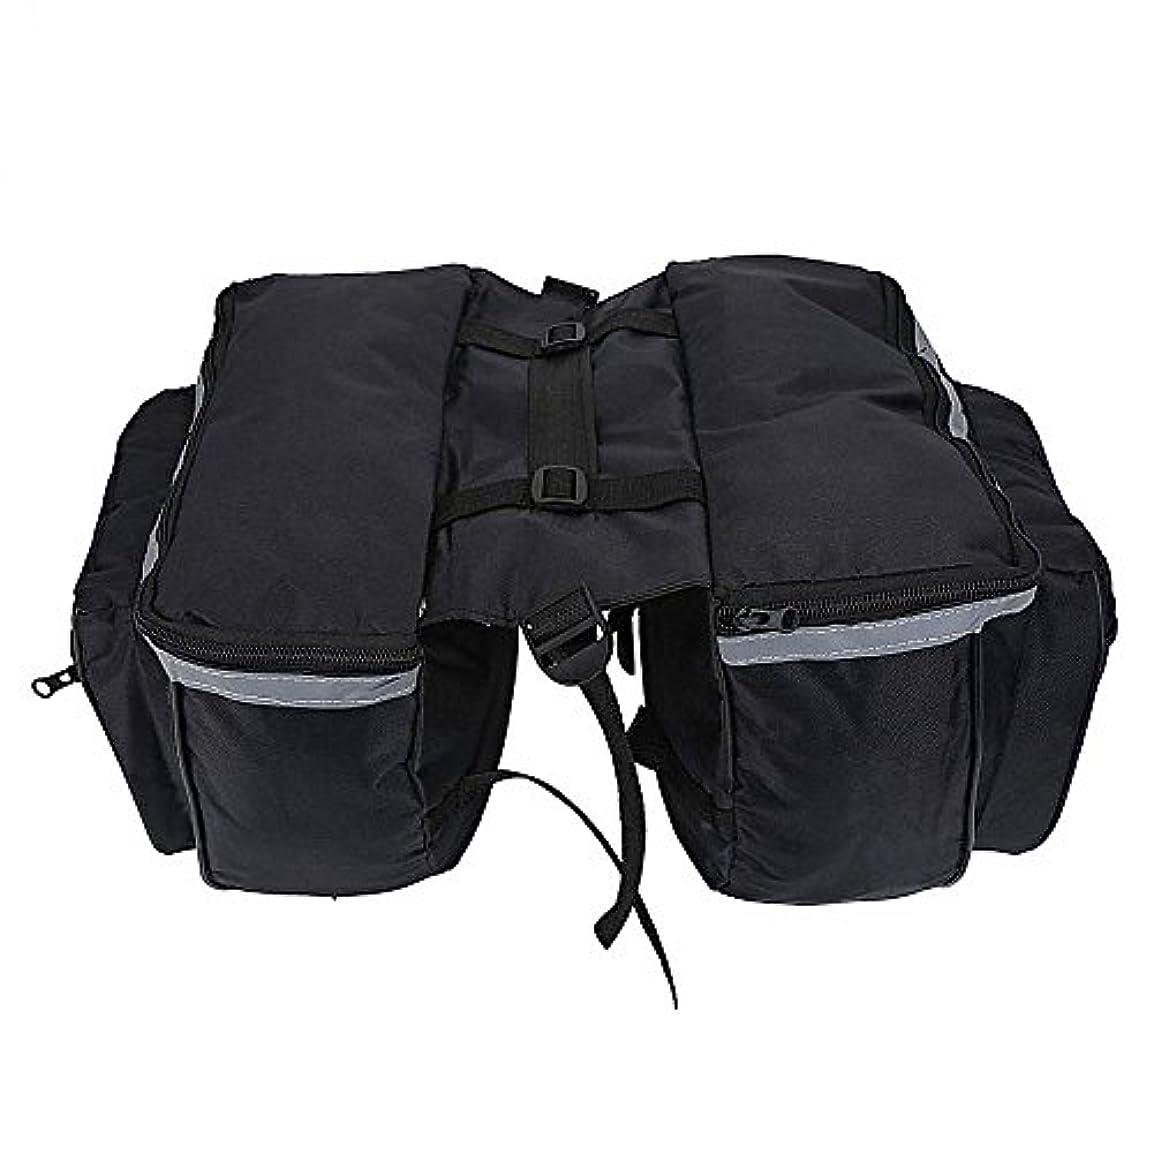 区画授業料いたずら大容量自転車荷物袋自転車防水リアバッグテールシートトランクパックマウンテンロードバイクトラベルストレージボックスアクセサリー